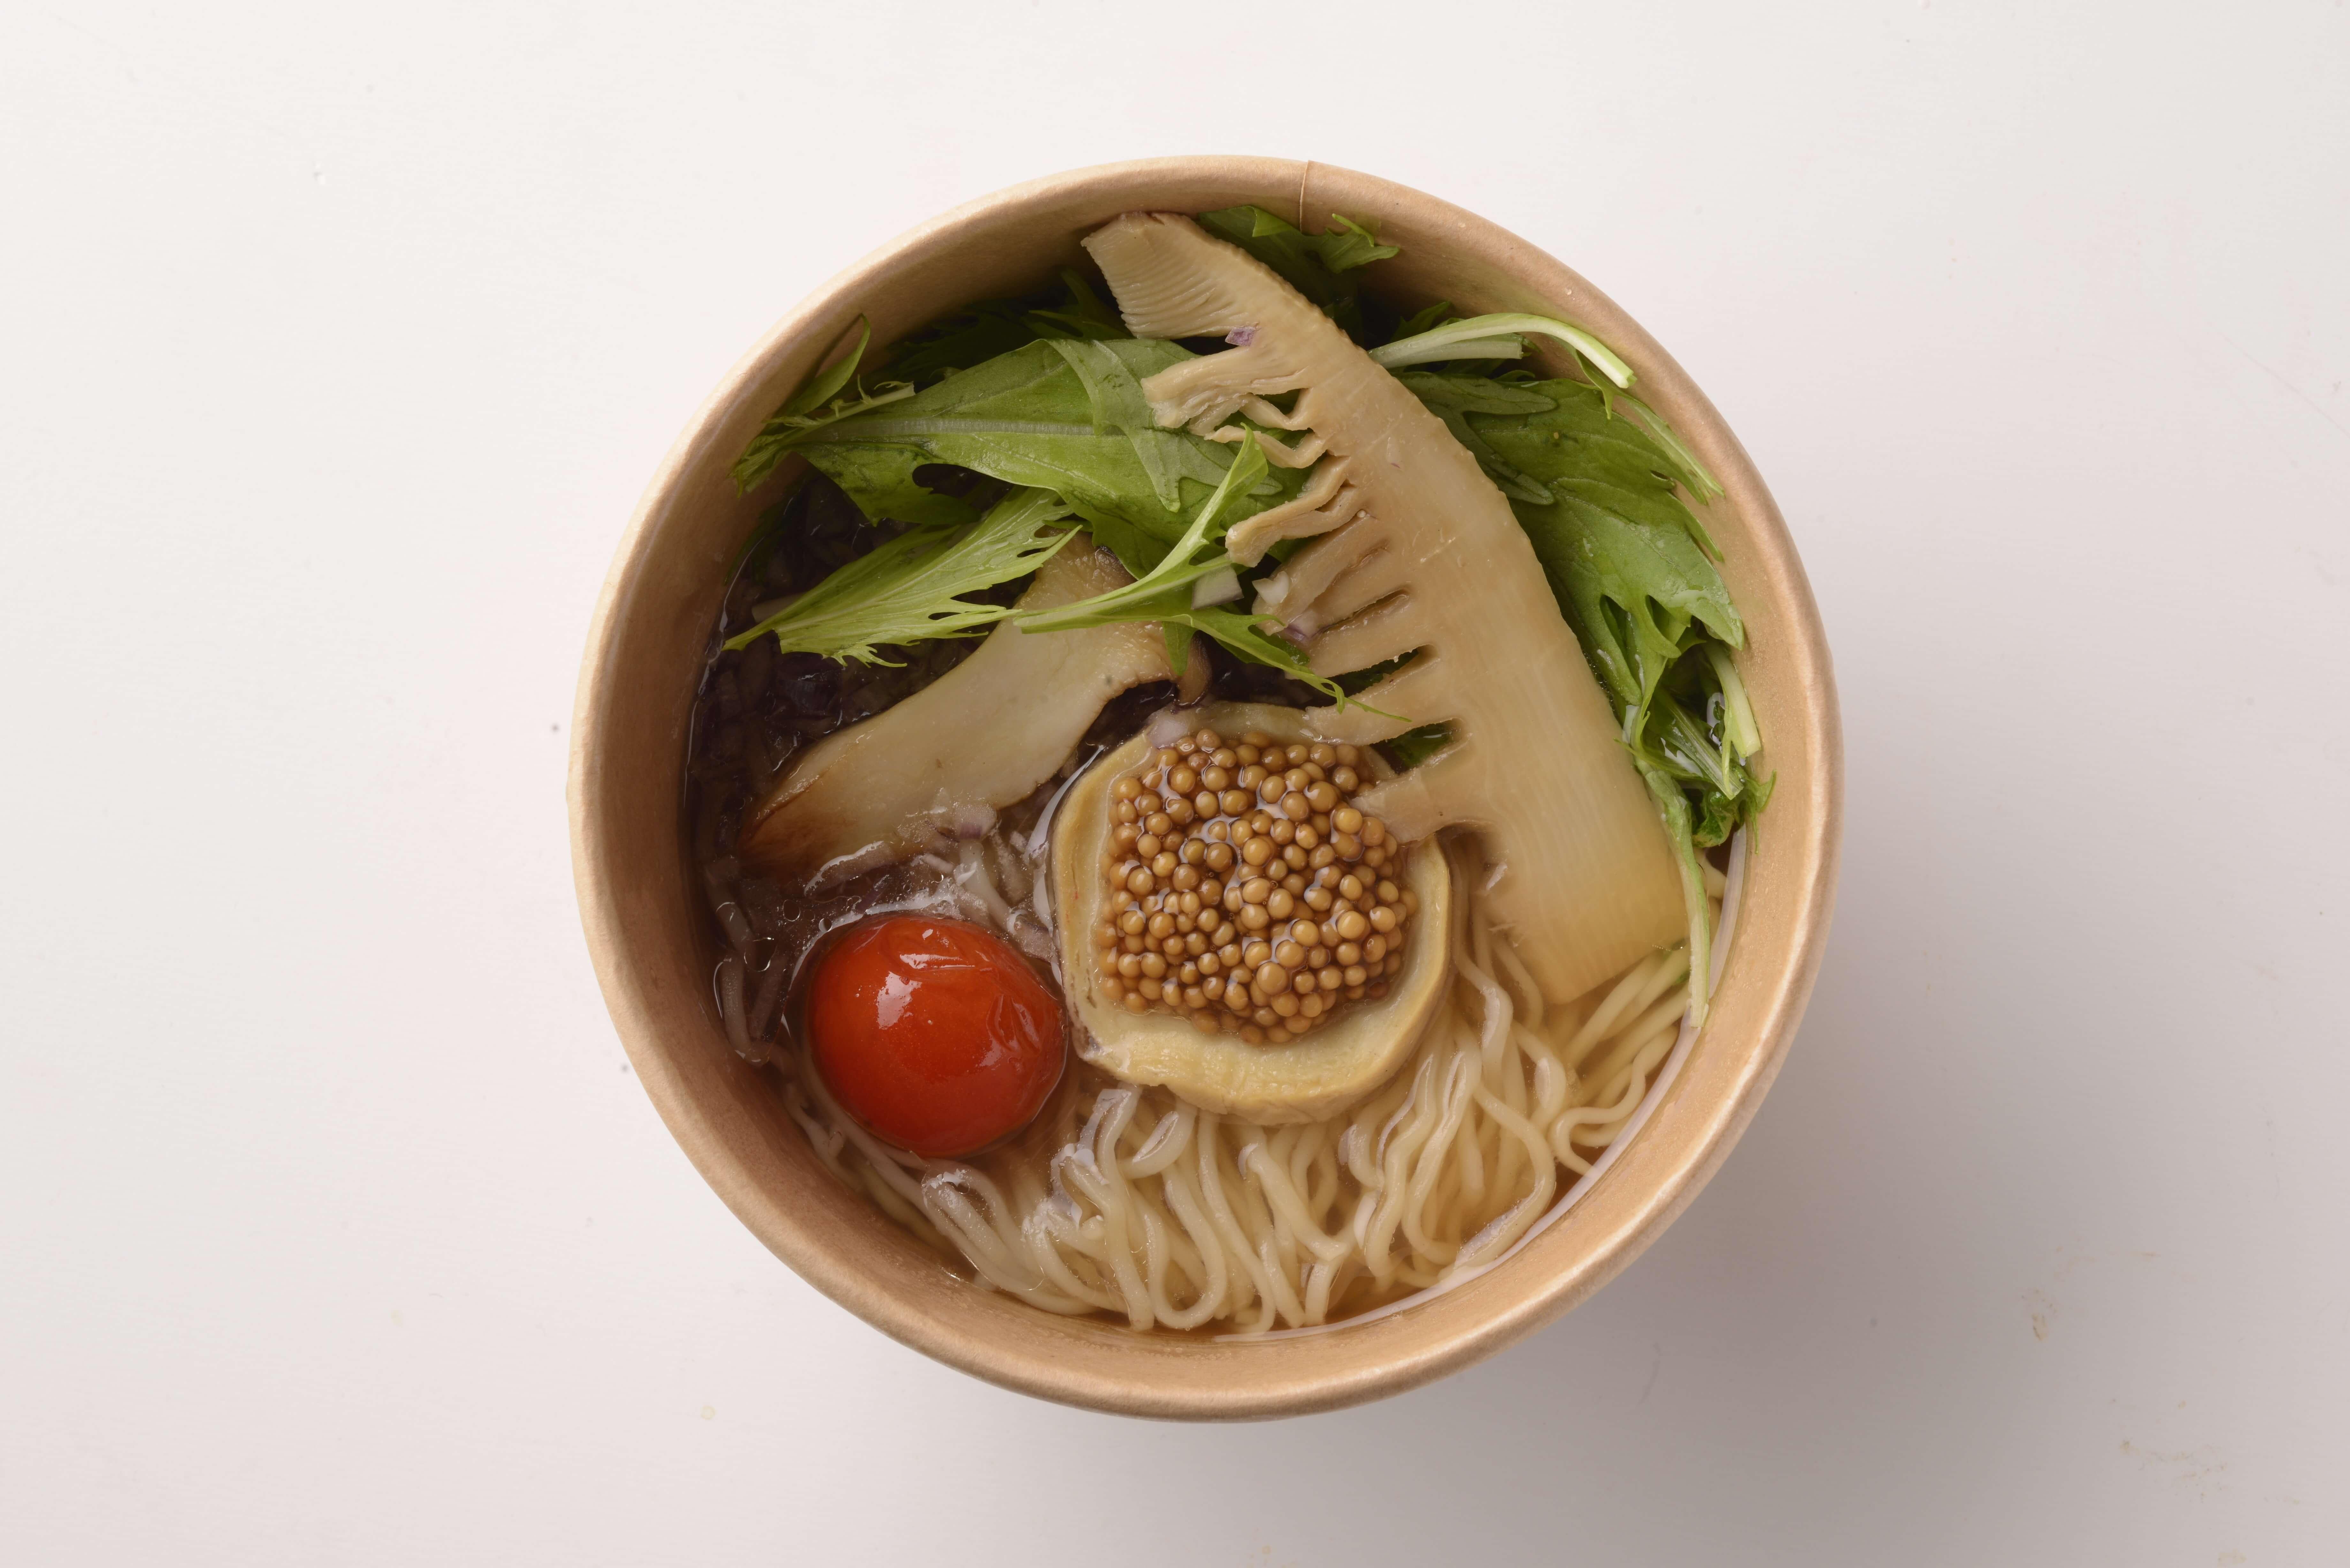 ラフォーレ原宿 ご飯 テイクアウト laforet harajuku chinese 中華料理 Chipoon 地プーン_ヴィーガンヌードル